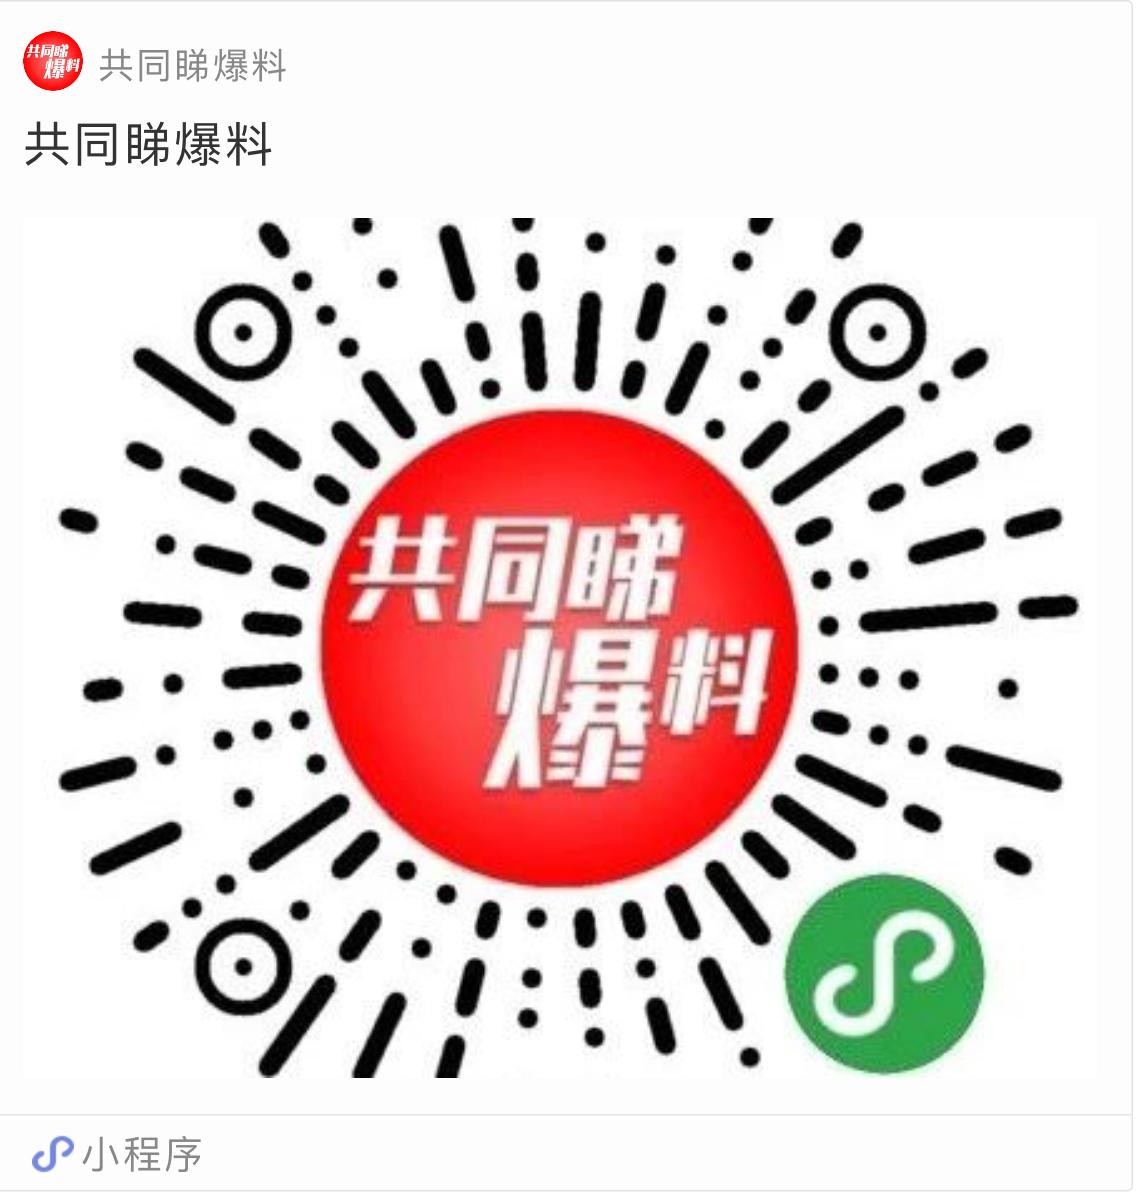 邑网通推出共同睇爆料小程序  市民动动指头可获报料费